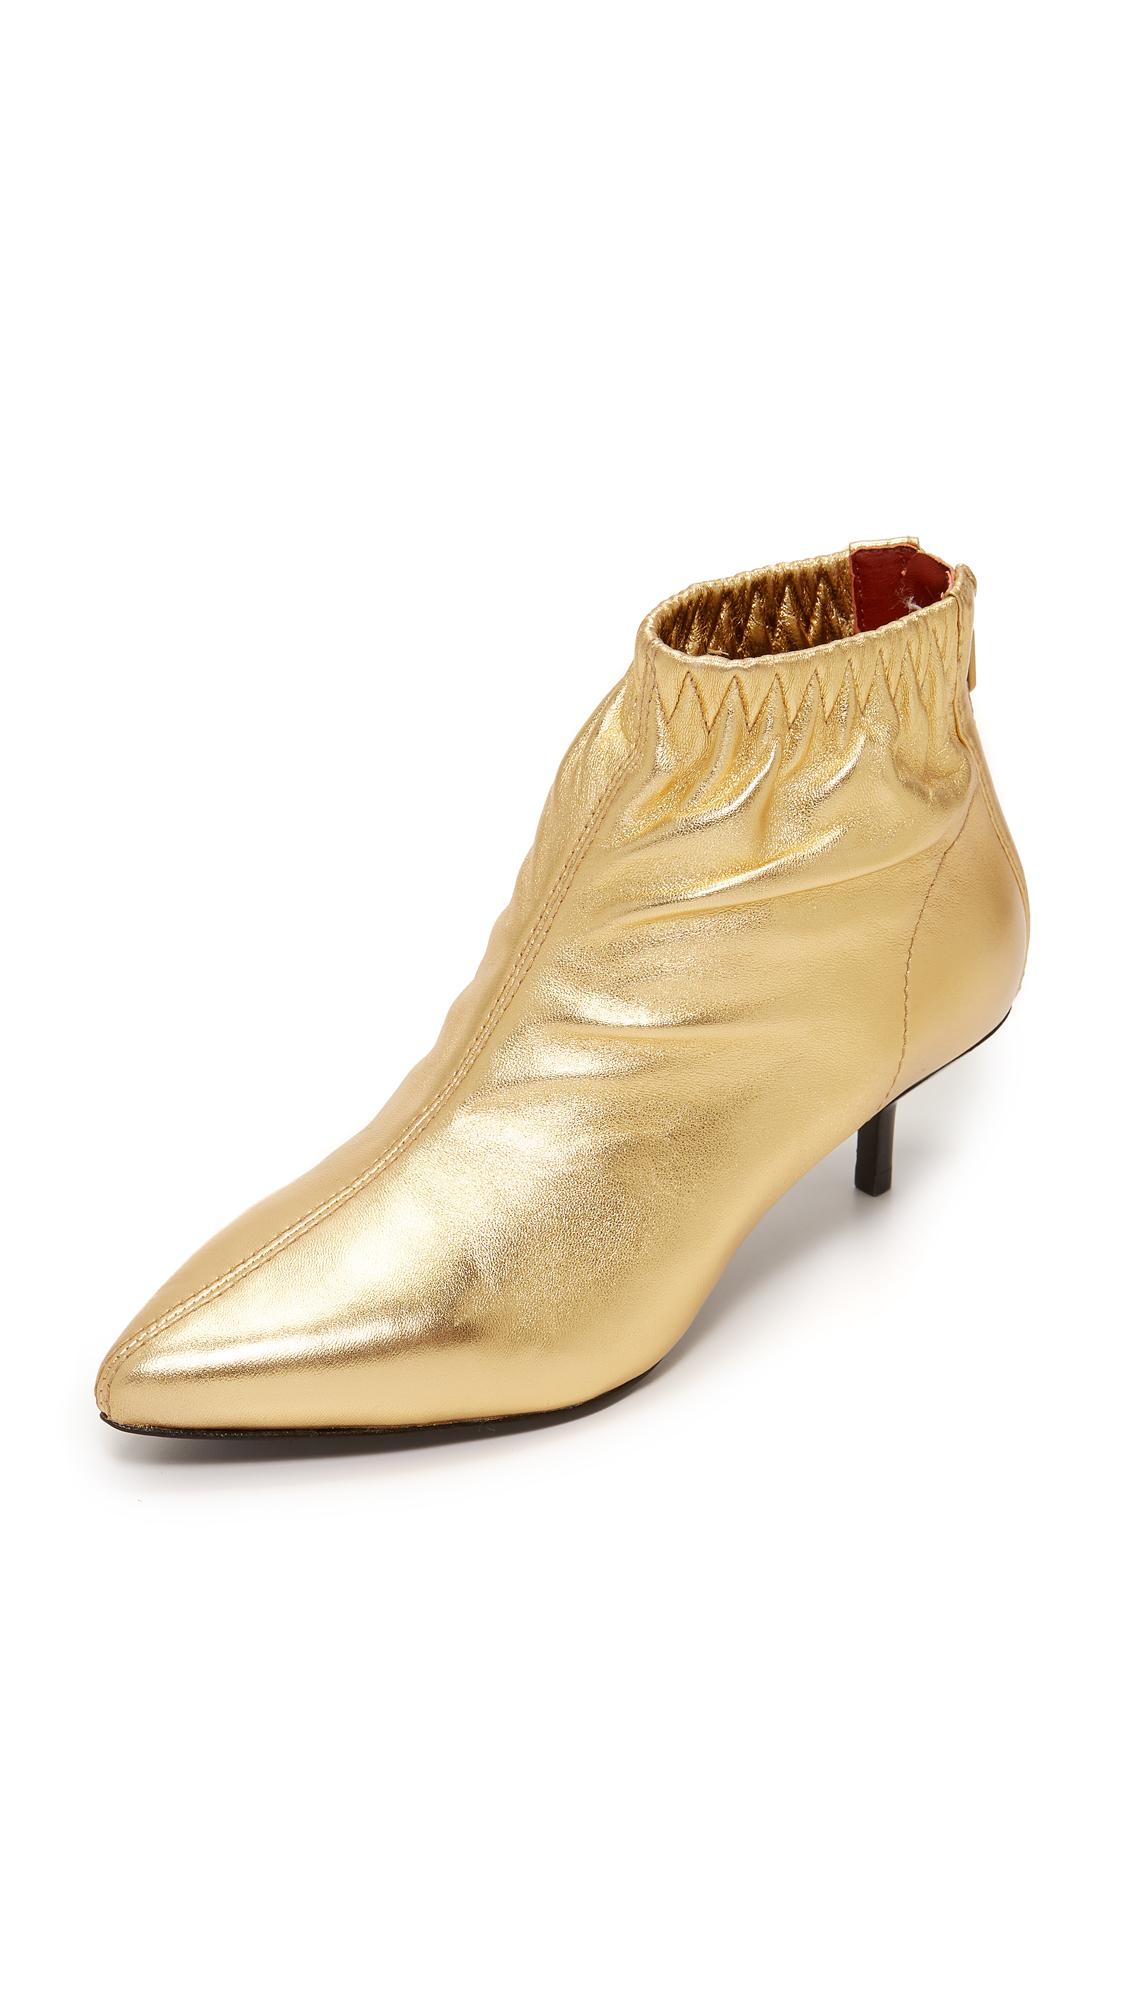 3.1 Phillip Lim Blitz Kitten Heel Booties - Gold